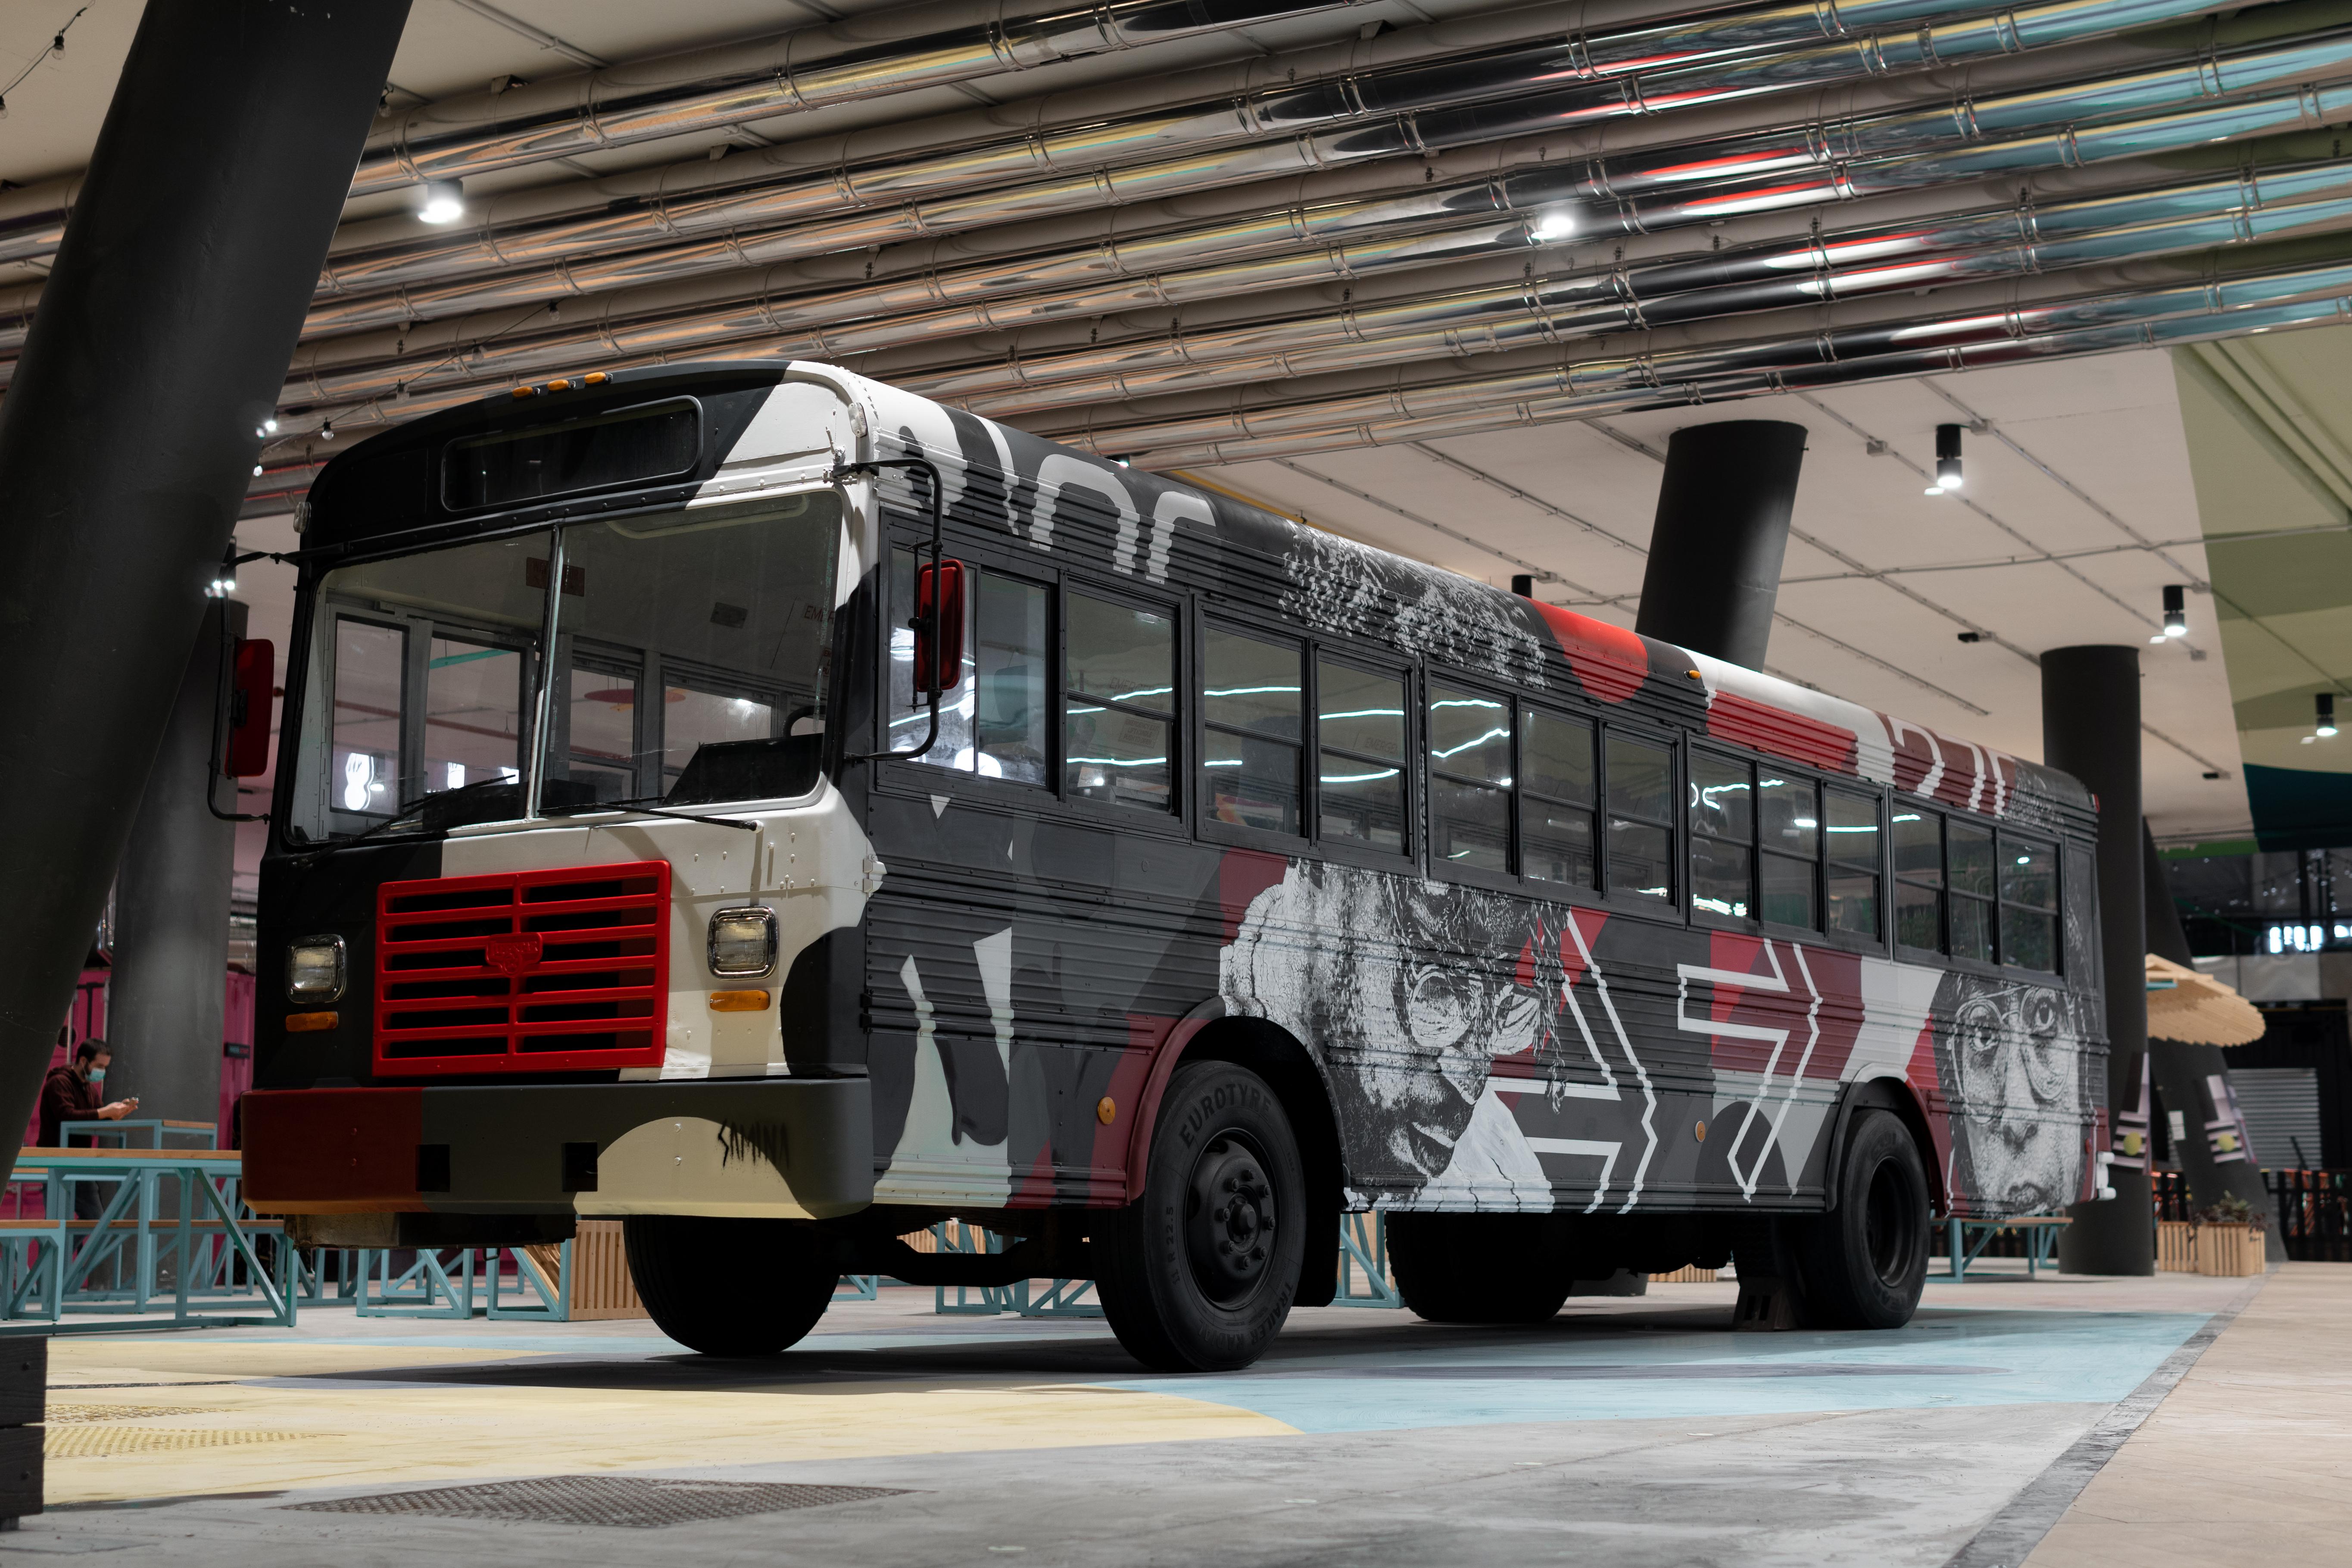 Samina - Military bus / The Hood